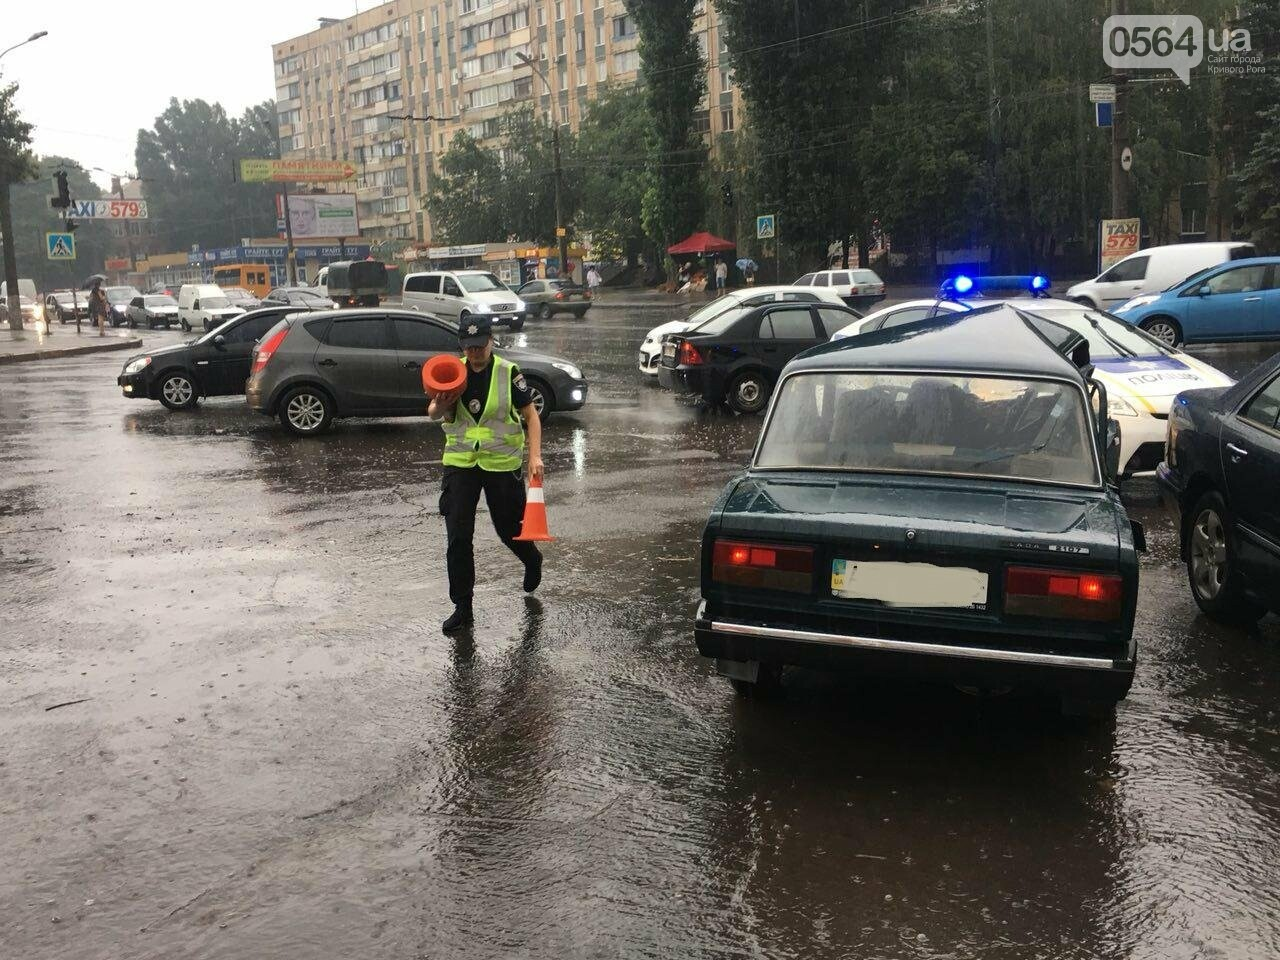 В Кривом Роге под дождем на перекрестке столкнулись иномарка и ВАЗ, - ФОТО, фото-23